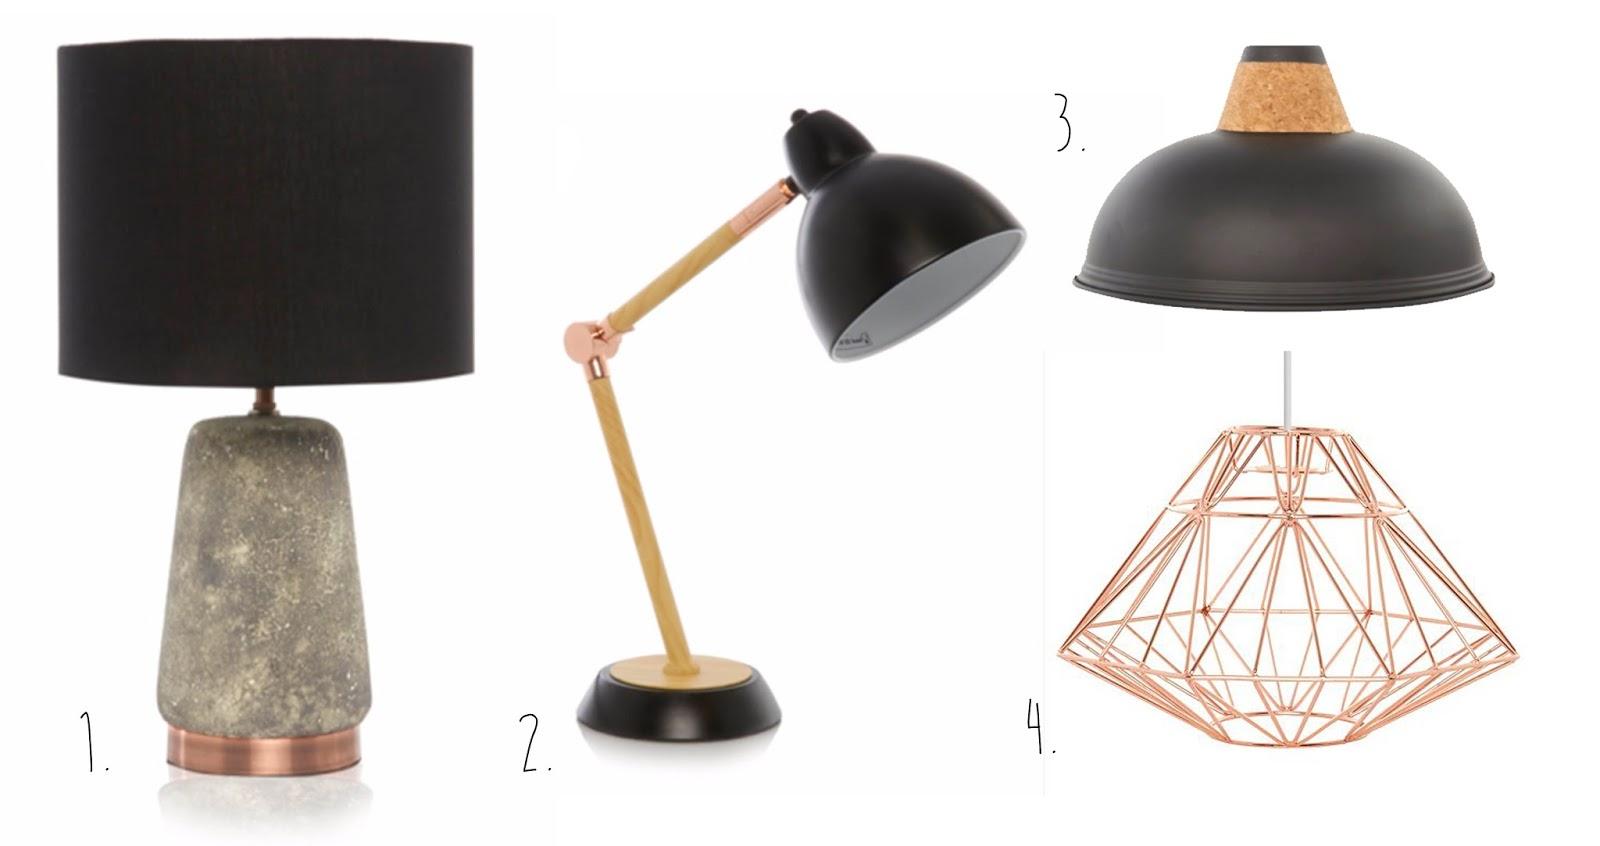 light shades asda solar garden lights. Black Bedroom Furniture Sets. Home Design Ideas